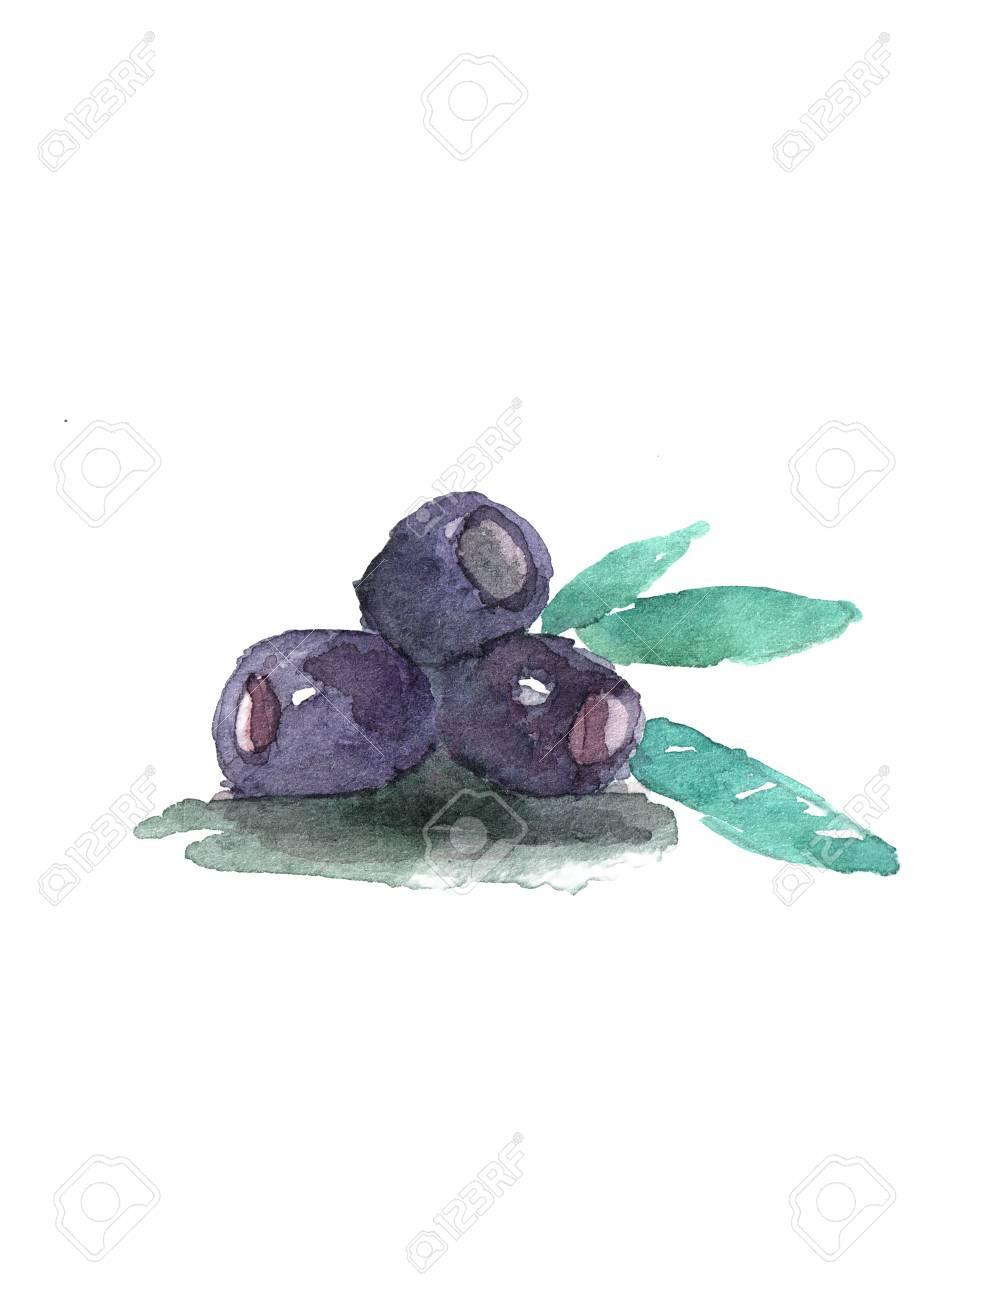 Schwarz Drei Oliven Urlaub Auf Weißem Hintergrund. Isolierte Gemüse ...